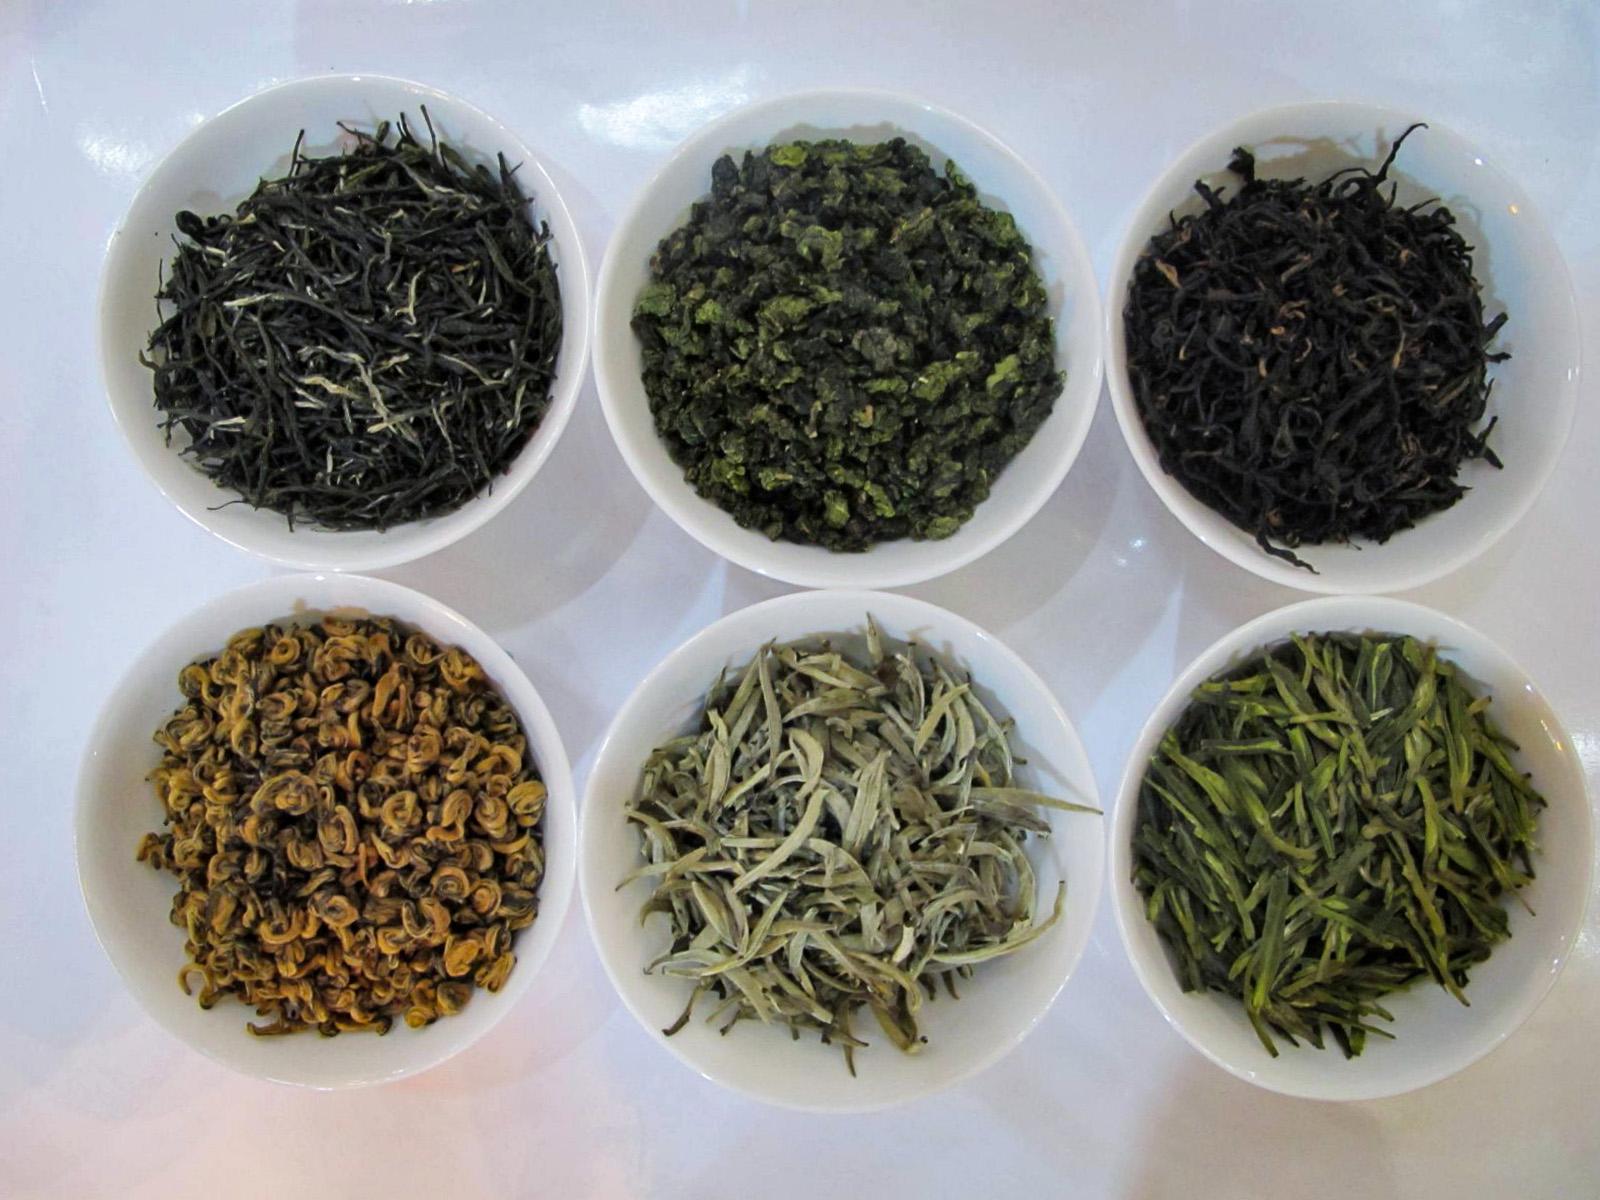 Šešios arbatų rūšys